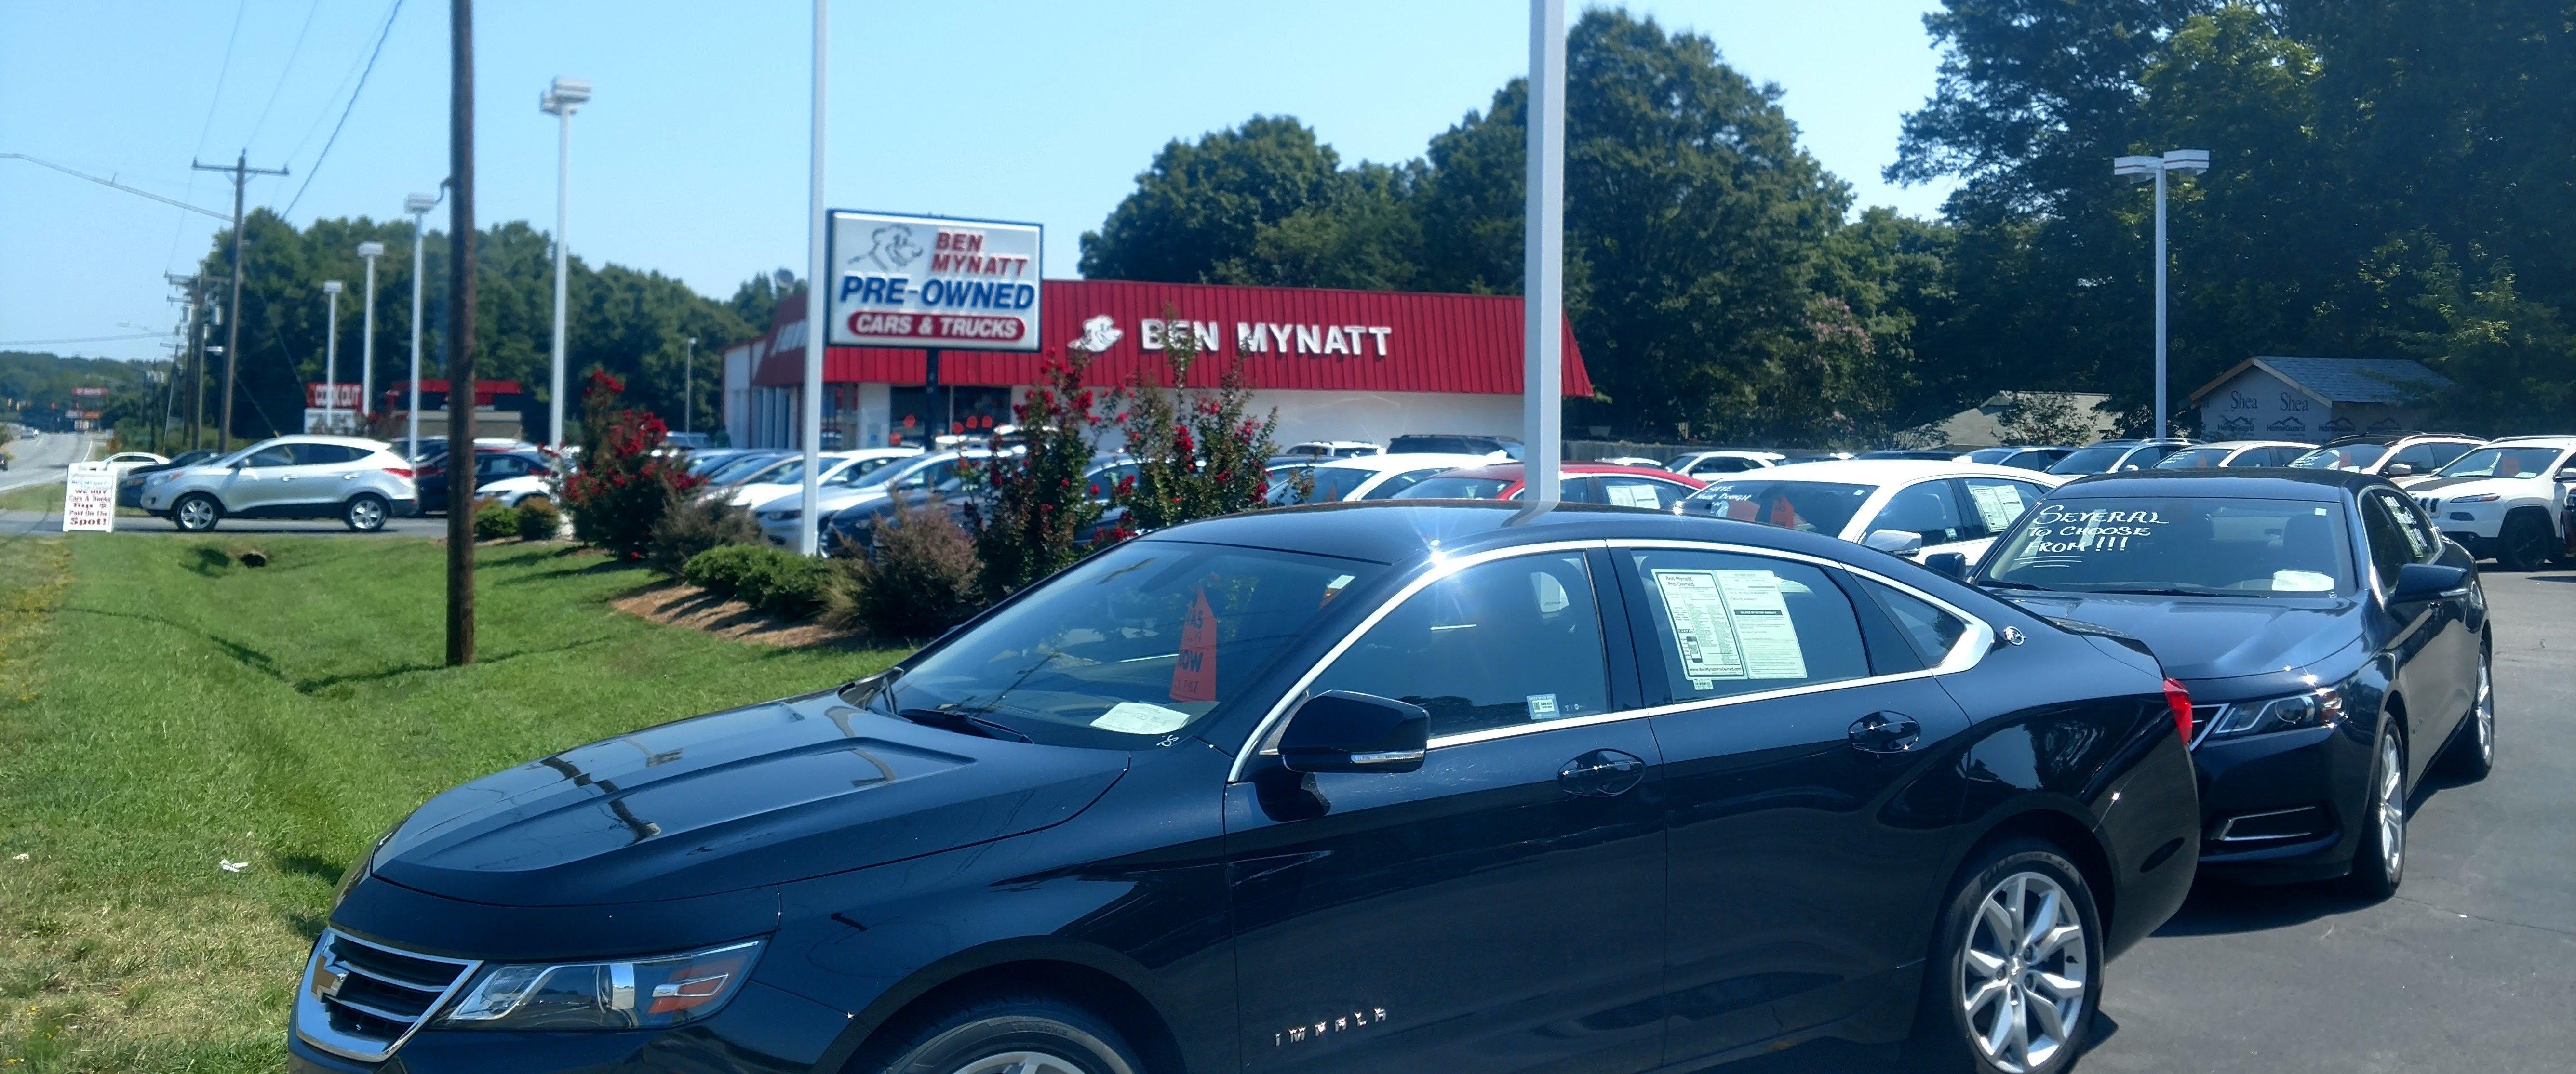 Ben Mynatt Pre Owned | Used Car, Truck U0026 SUV Sales In Kannapolis, NC